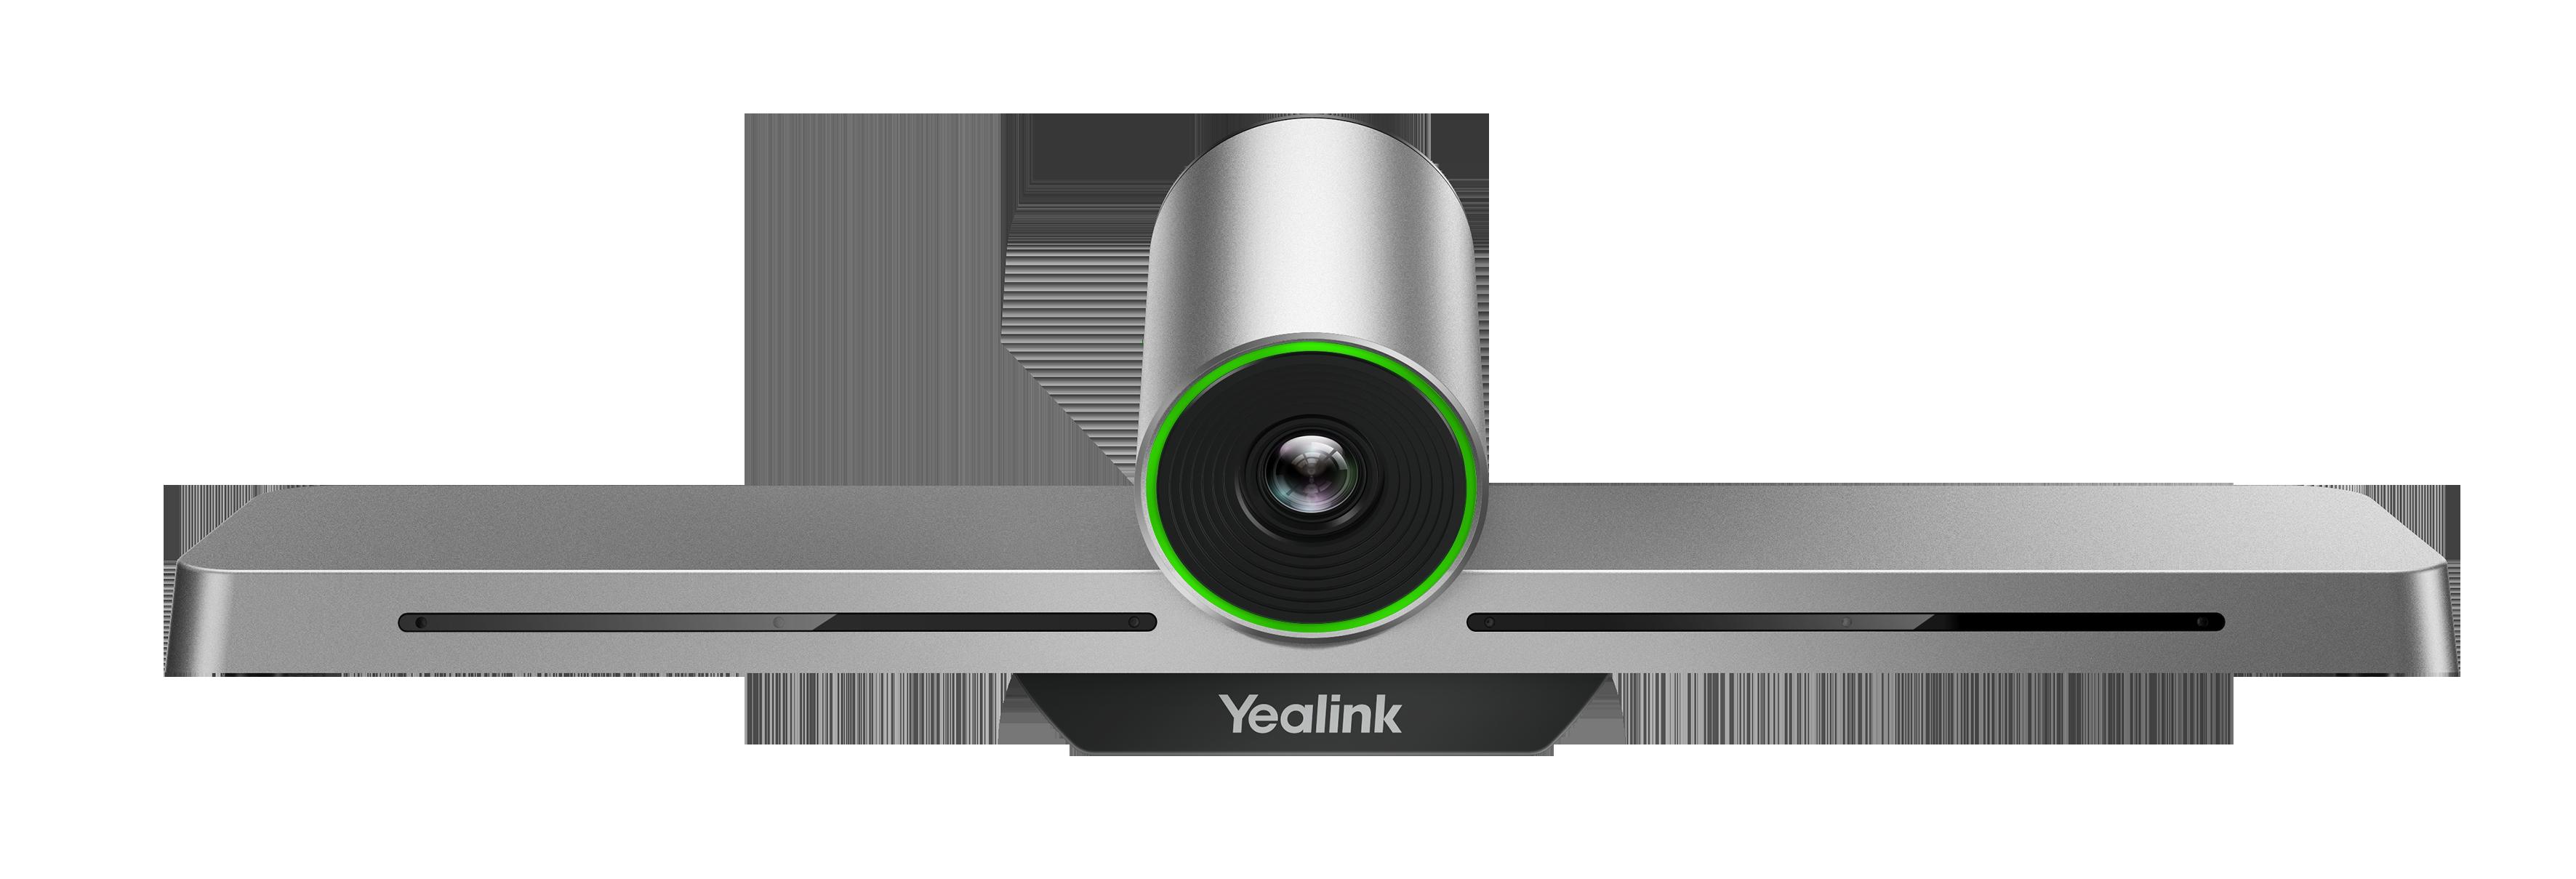 Videokonferenční endpoint Yealink VC200